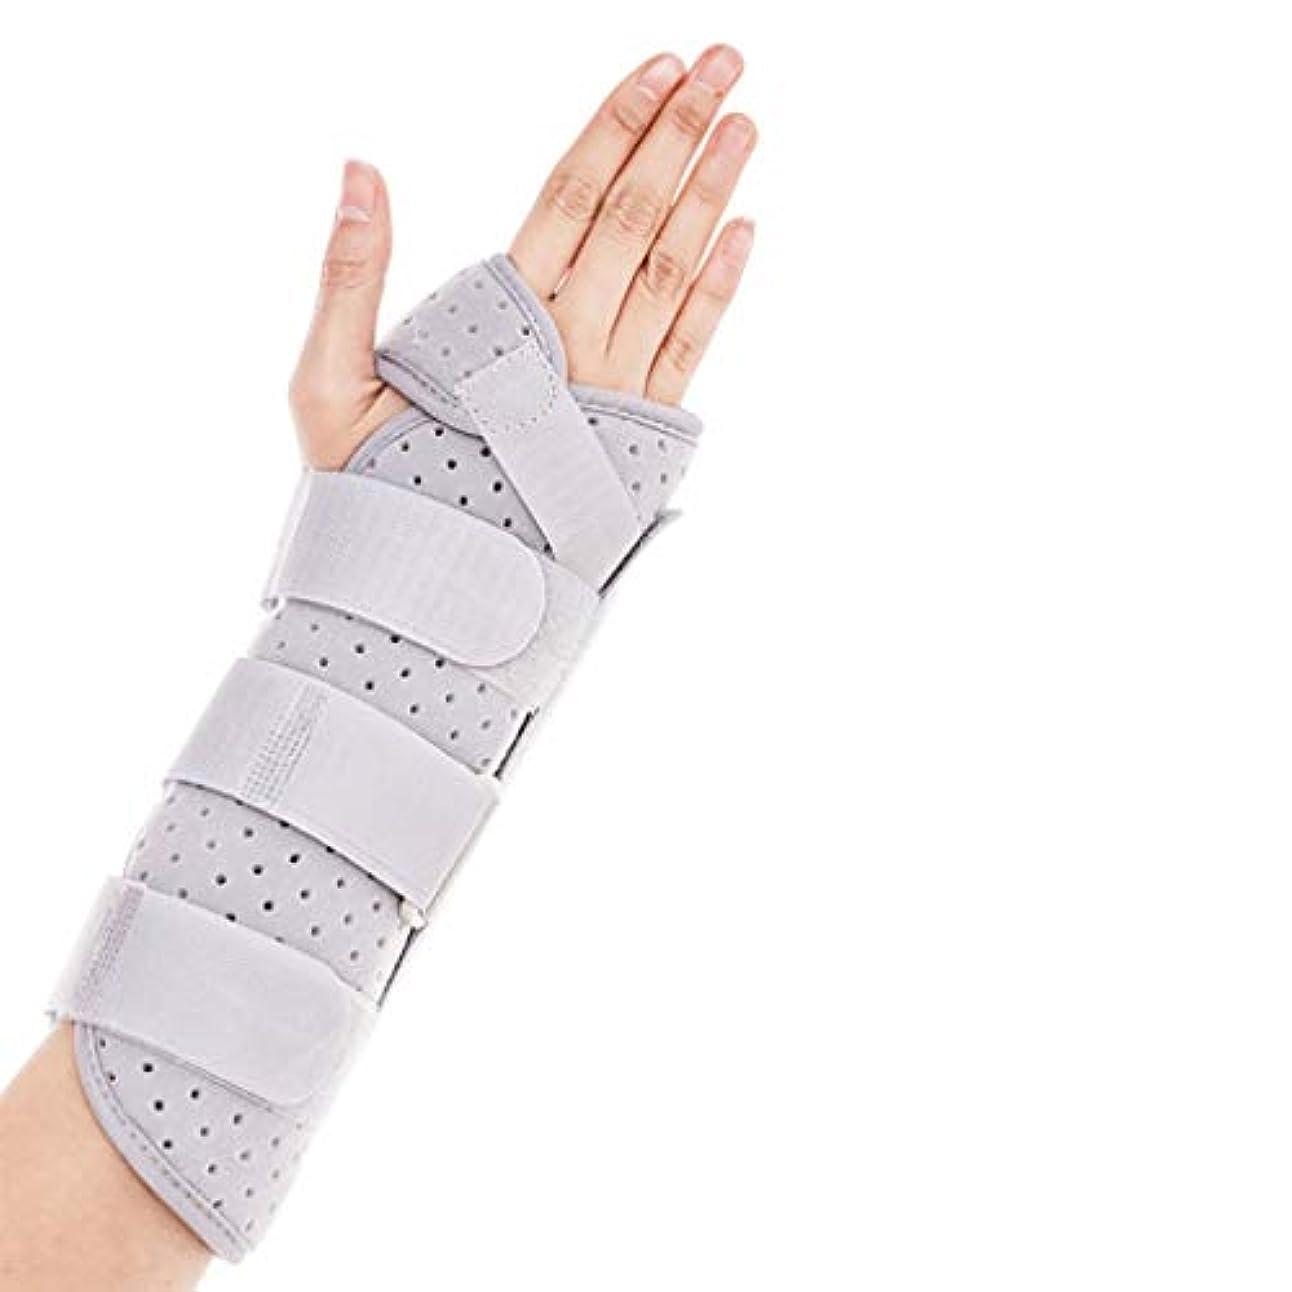 終わり偉業海峡引き金のための指の袖サポートプロテクター指マレット指指のナックル固定指骨折創傷術後のケアと痛みの軽減,L